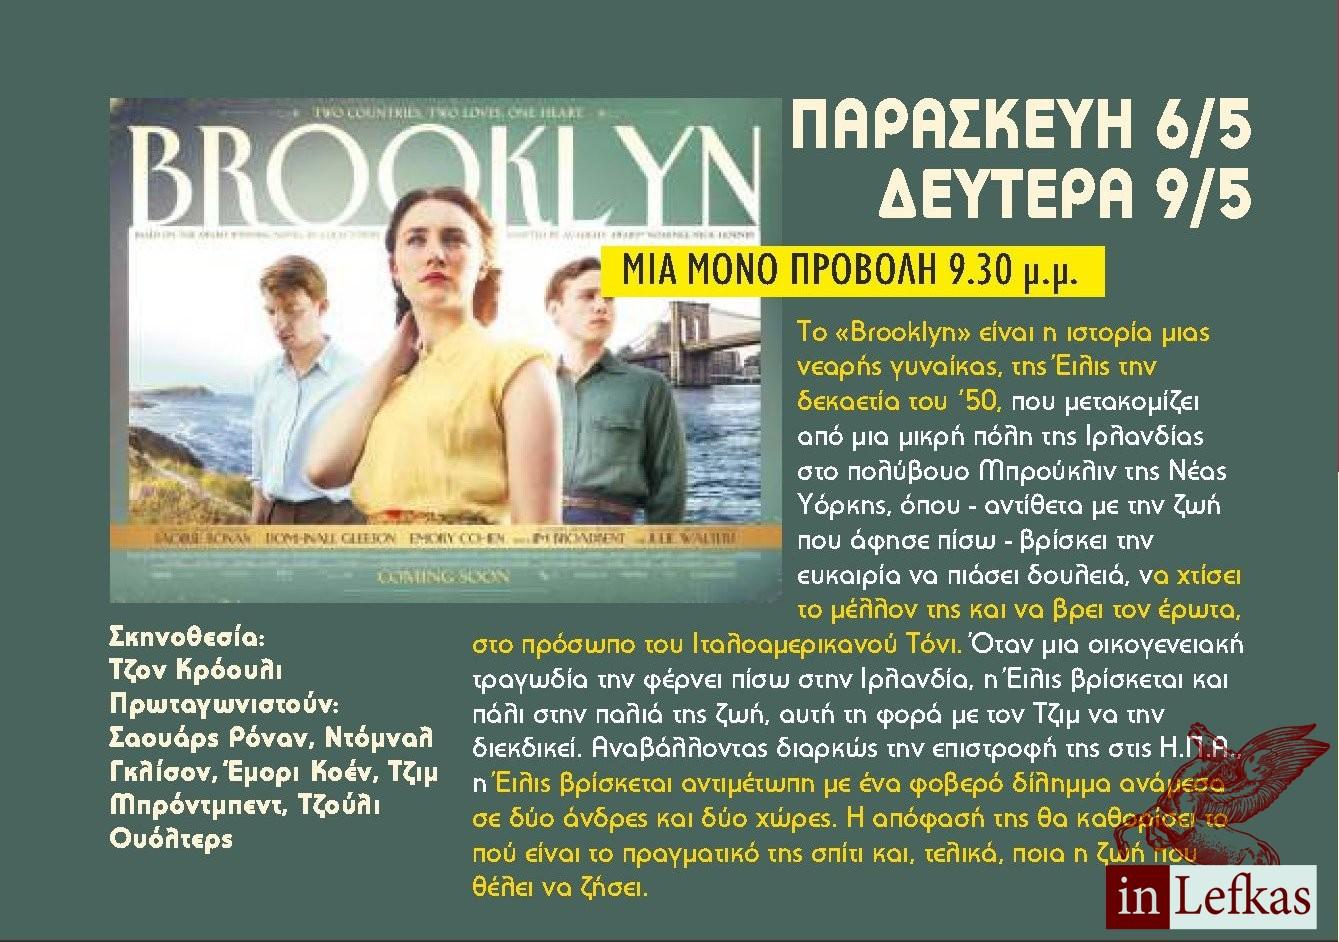 12. BROOKLYN